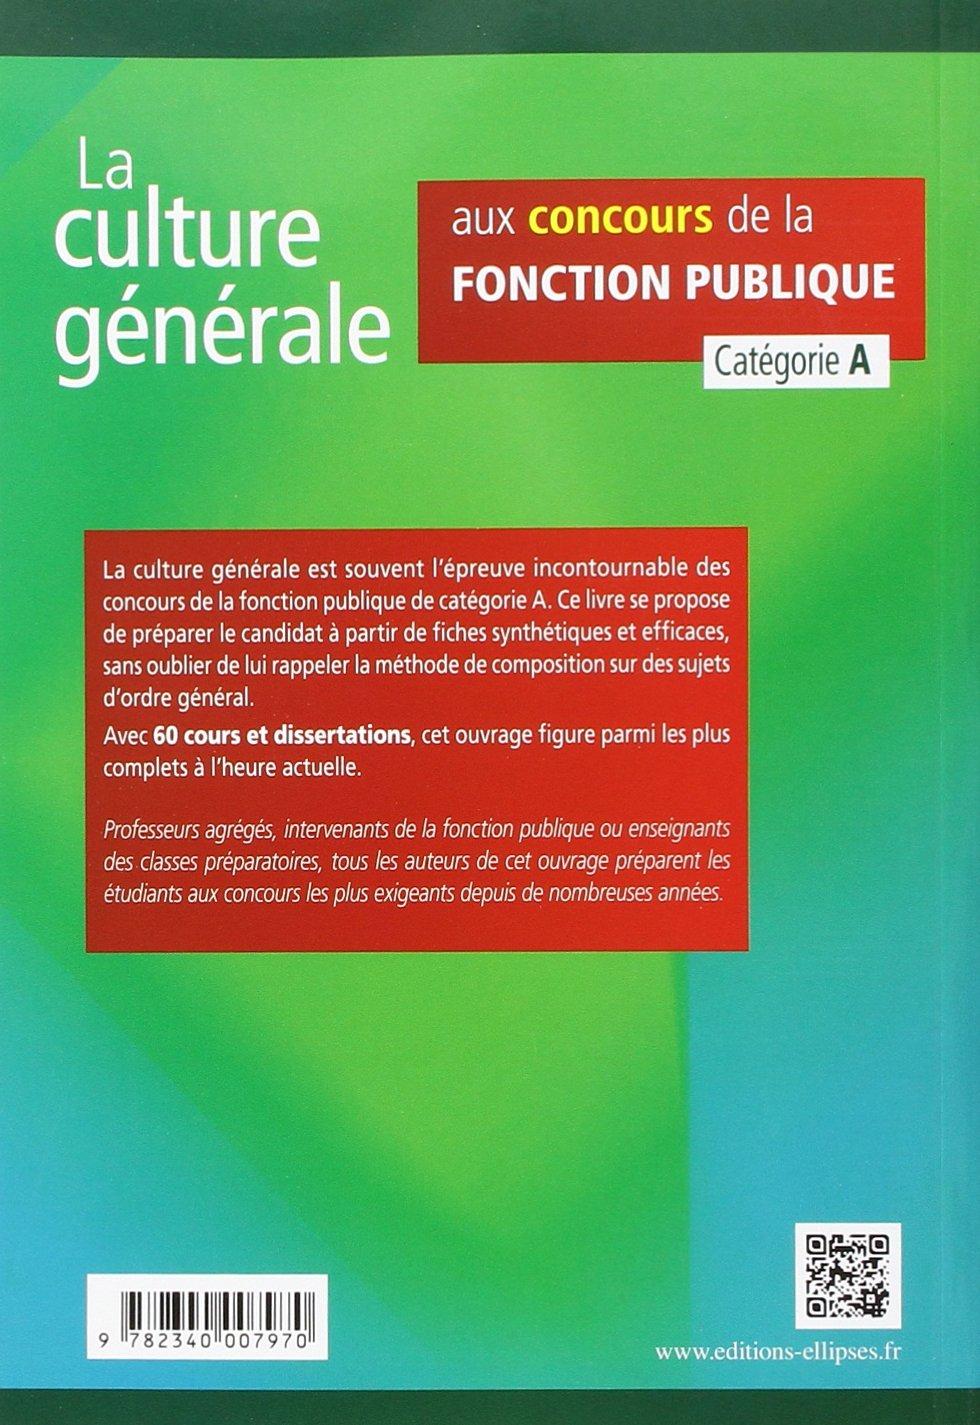 Amazon Fr La Culture Generale Aux Concours De La Fonction Publique